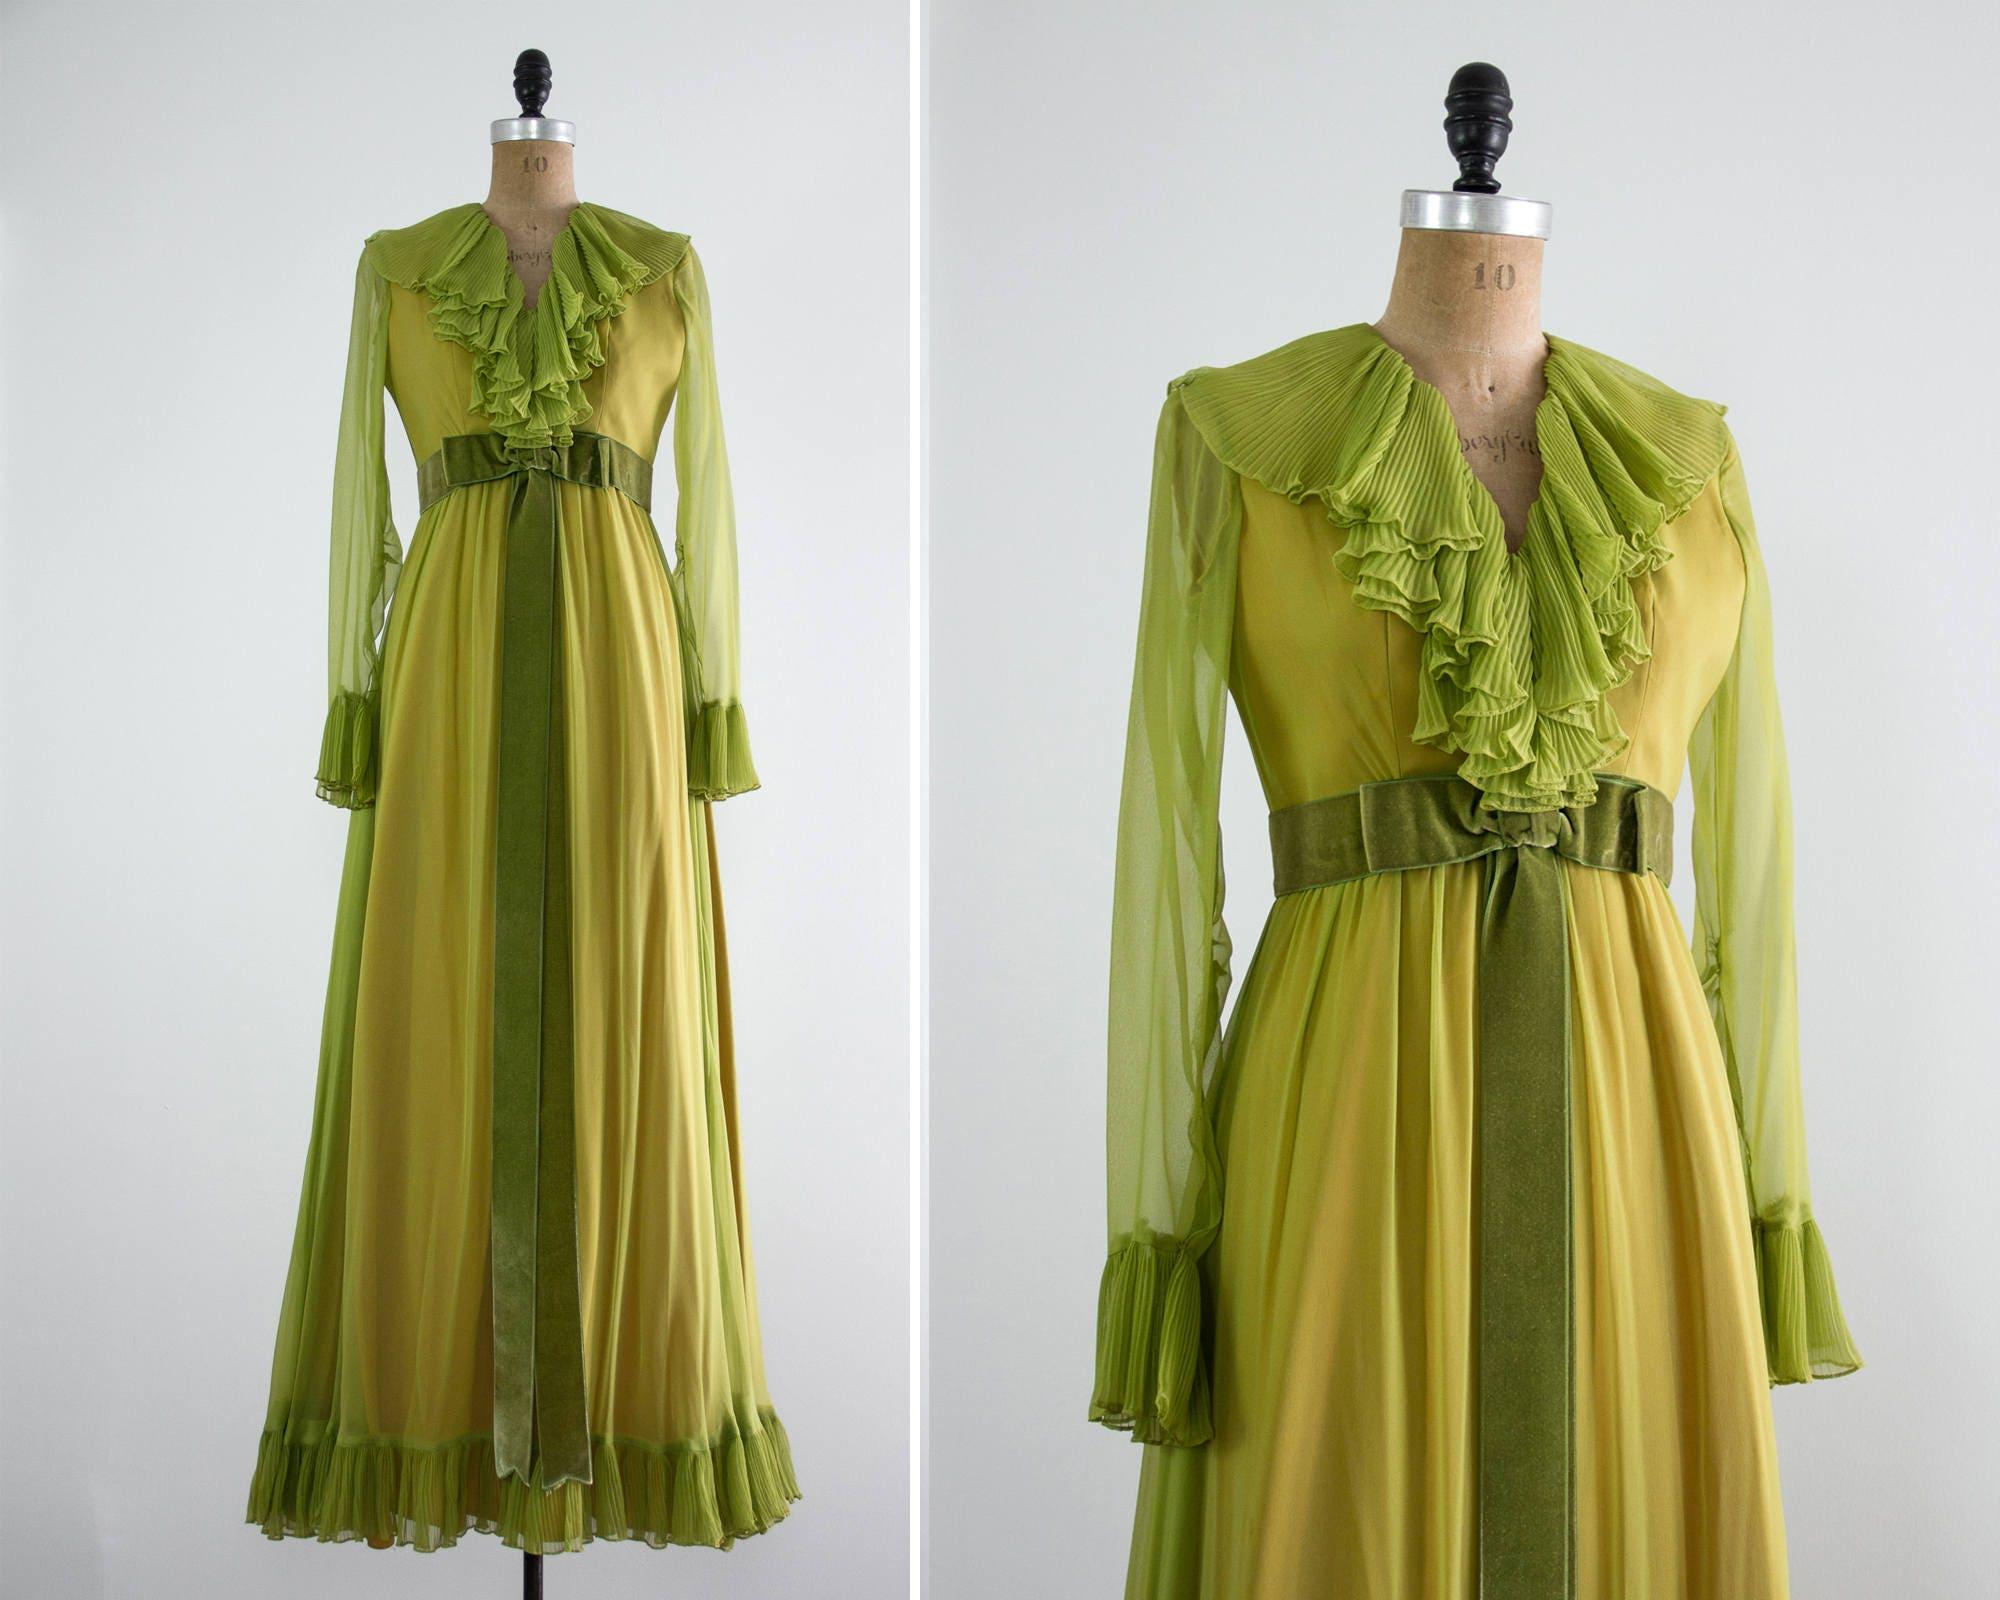 Vintage 1960er Jahre grüne Kleid 60er Jahre chiffon-Kleid